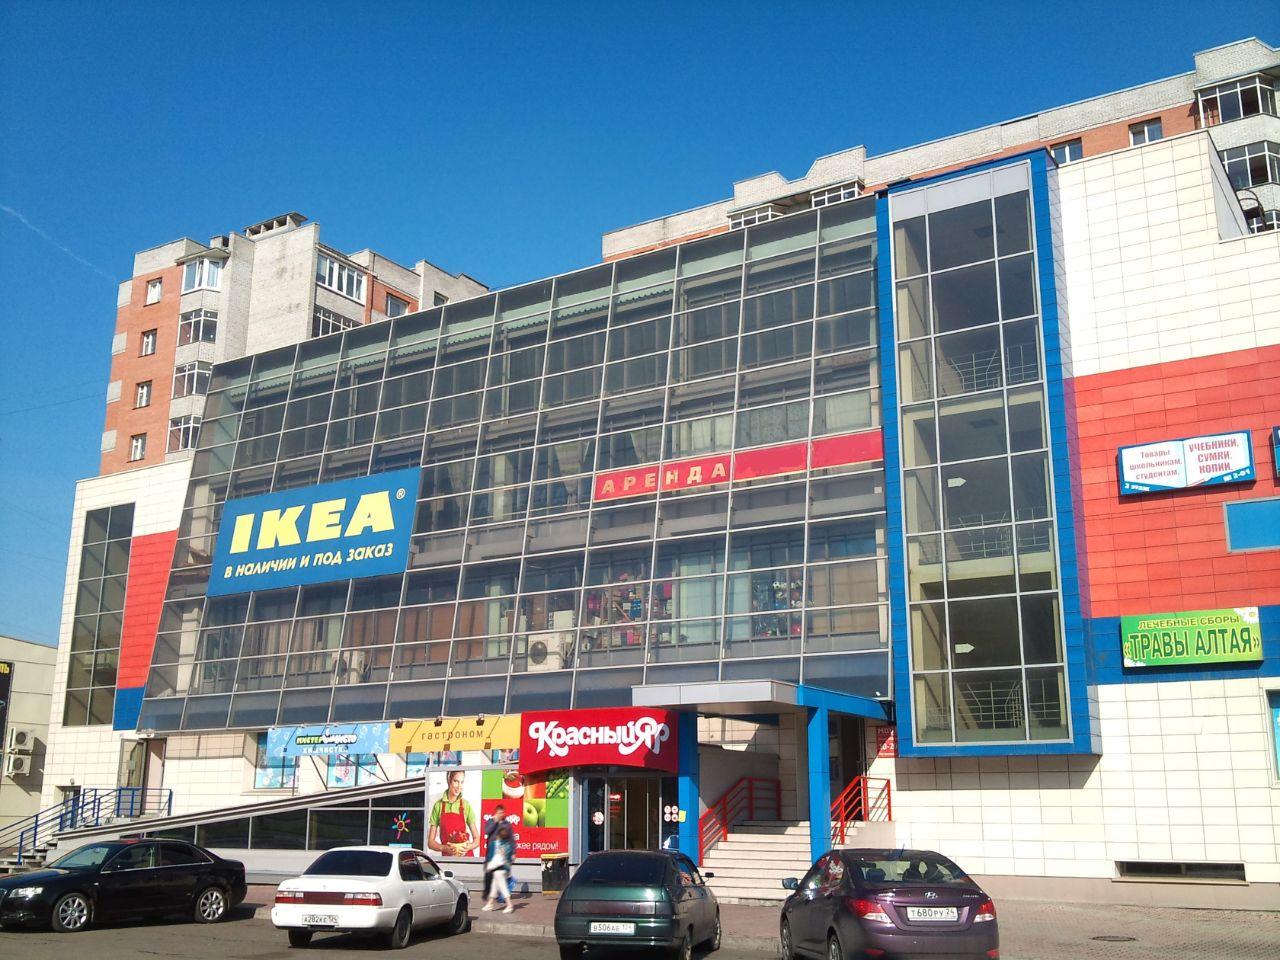 Аренда коммерческой недвижимости в красноярске в торговом комплексе коммерческая недвижимость аренда ряза